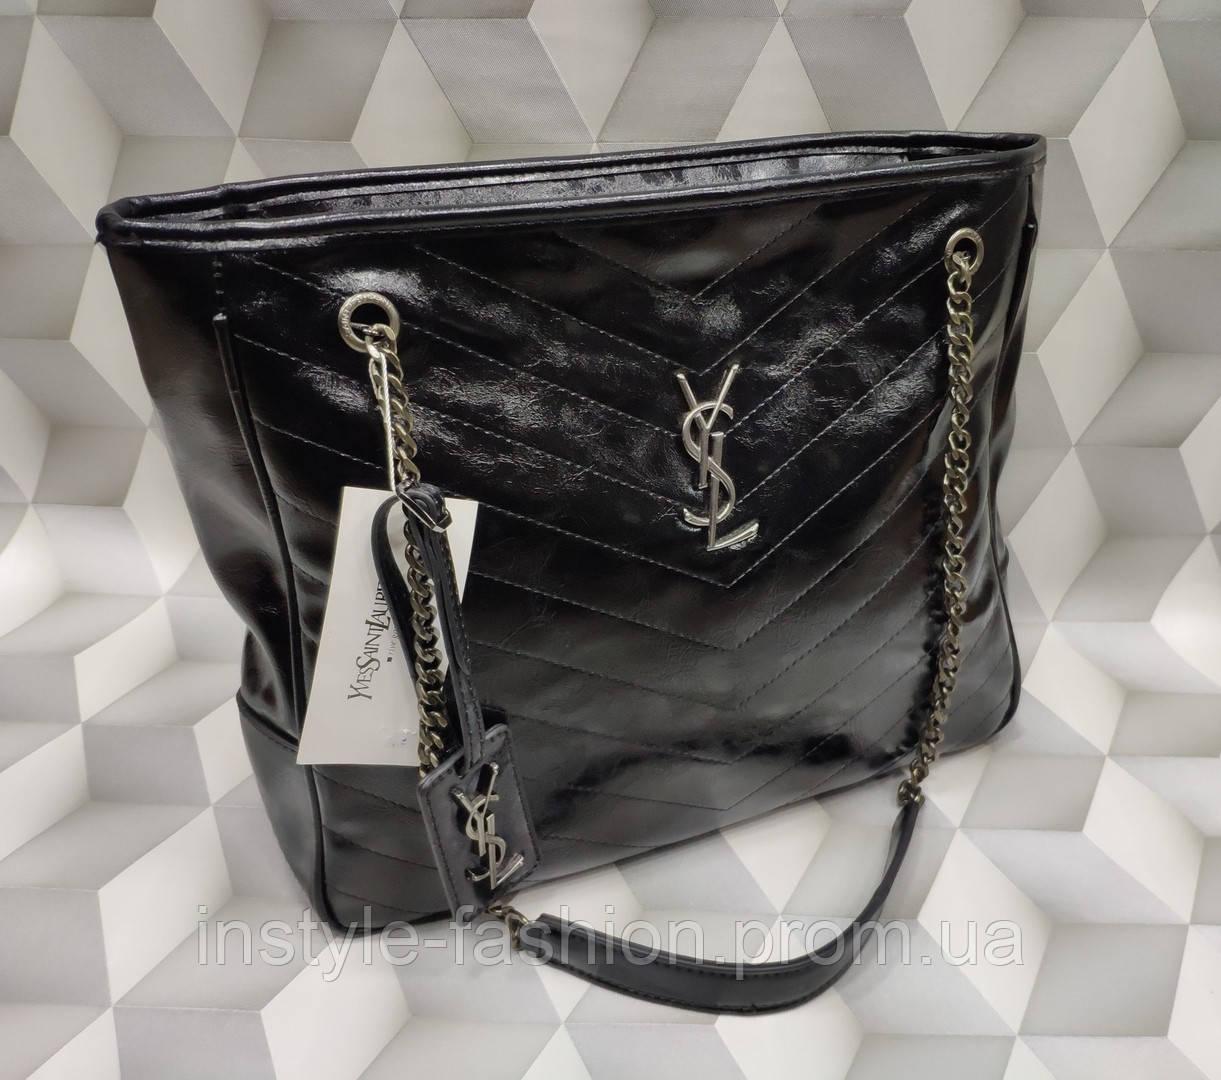 75391bddcf57 Женская сумка копия YSL Yves Saint Laurent качественная эко-кожа дорогой  Китай